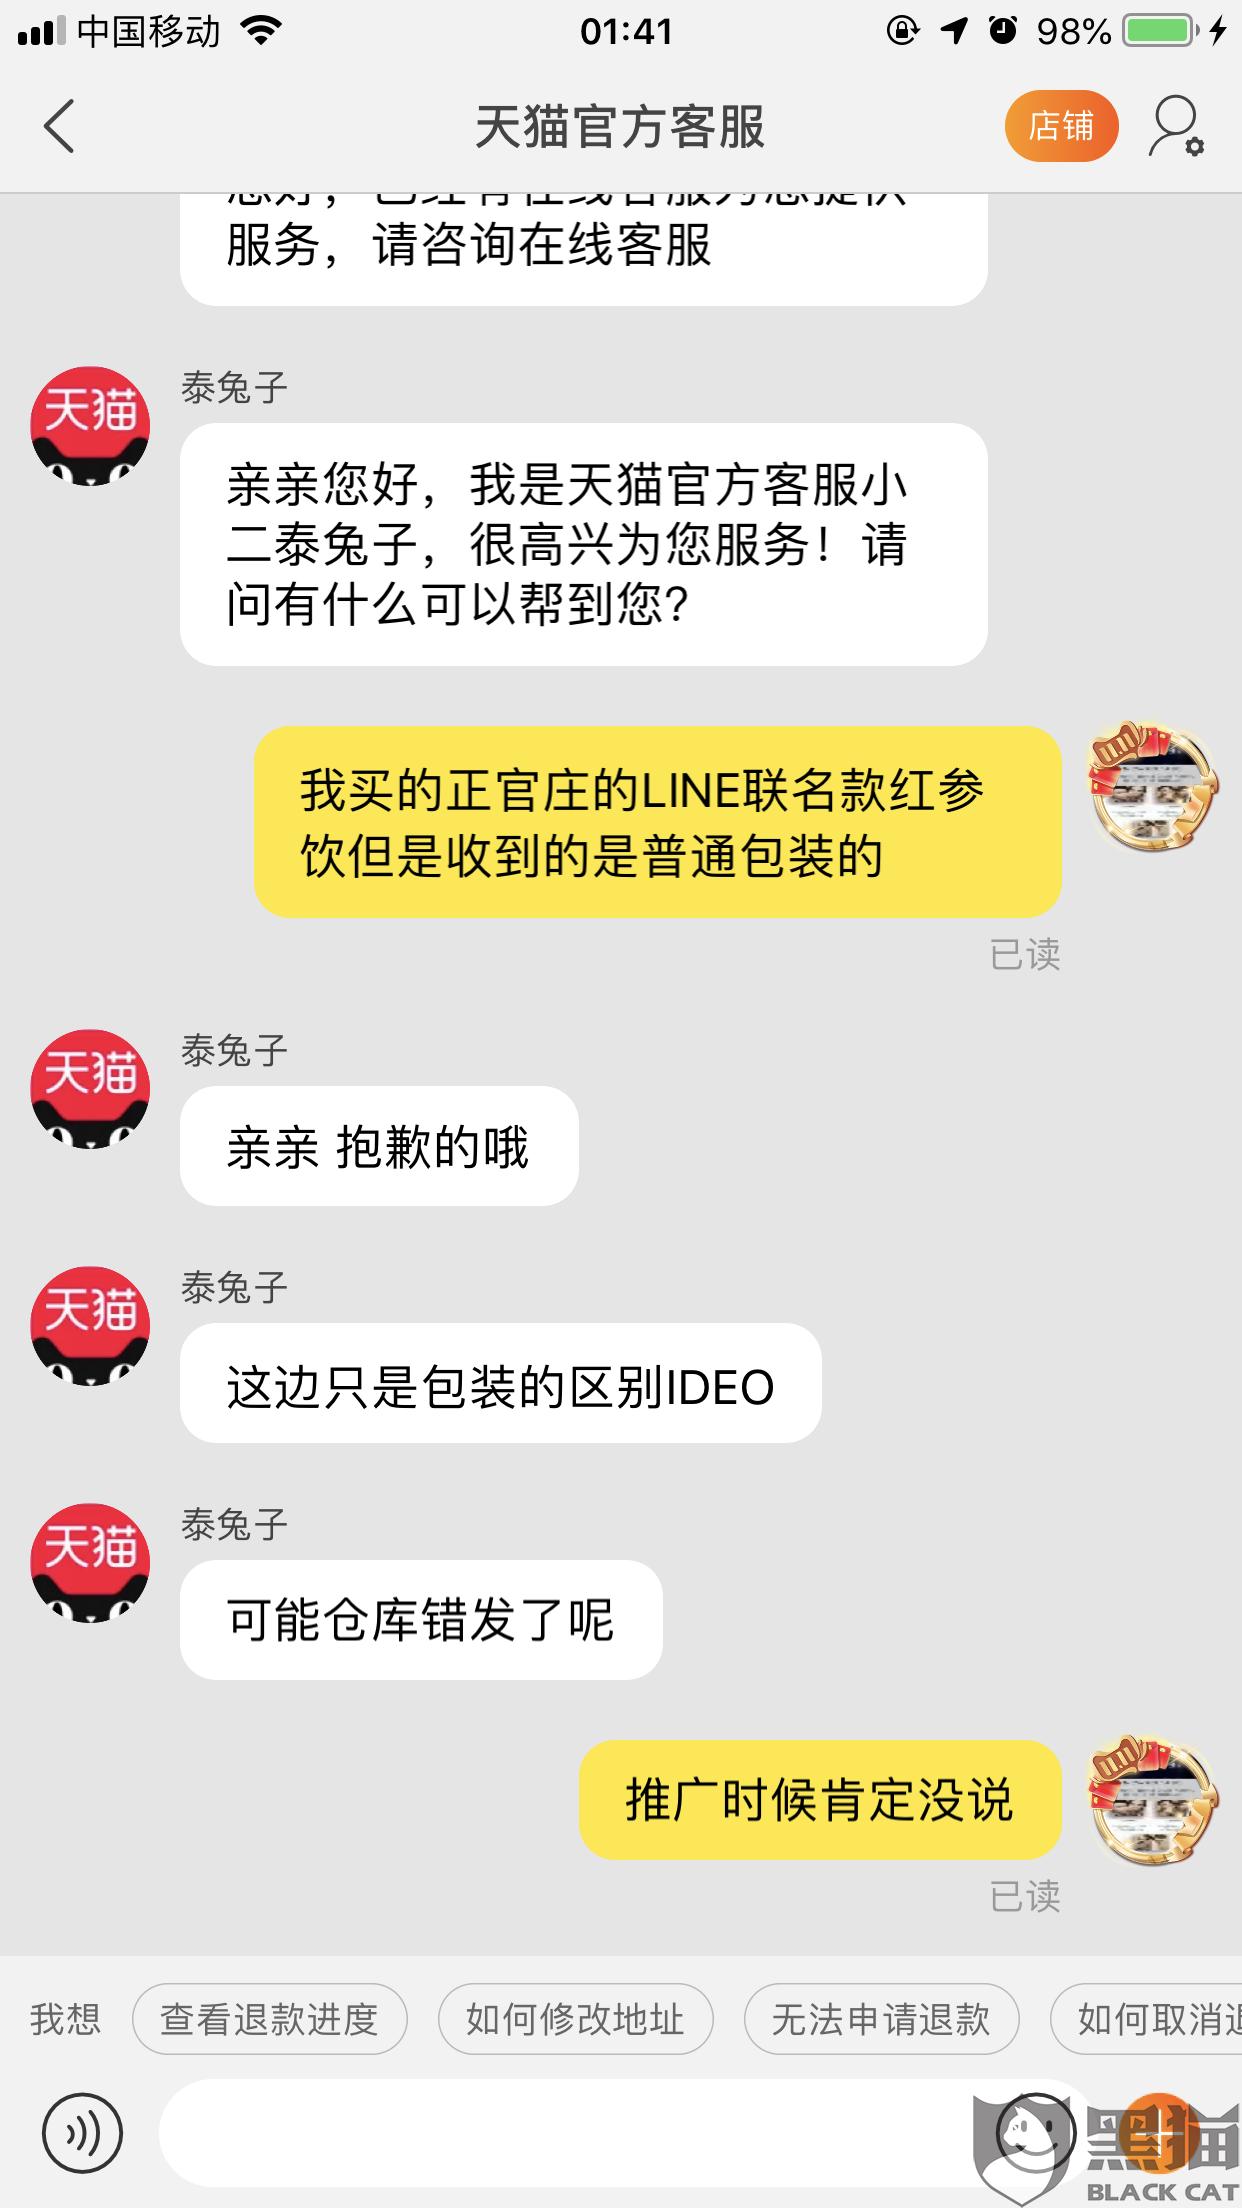 黑猫投诉:天猫正官庄海外旗舰店虚假宣传,货不对板